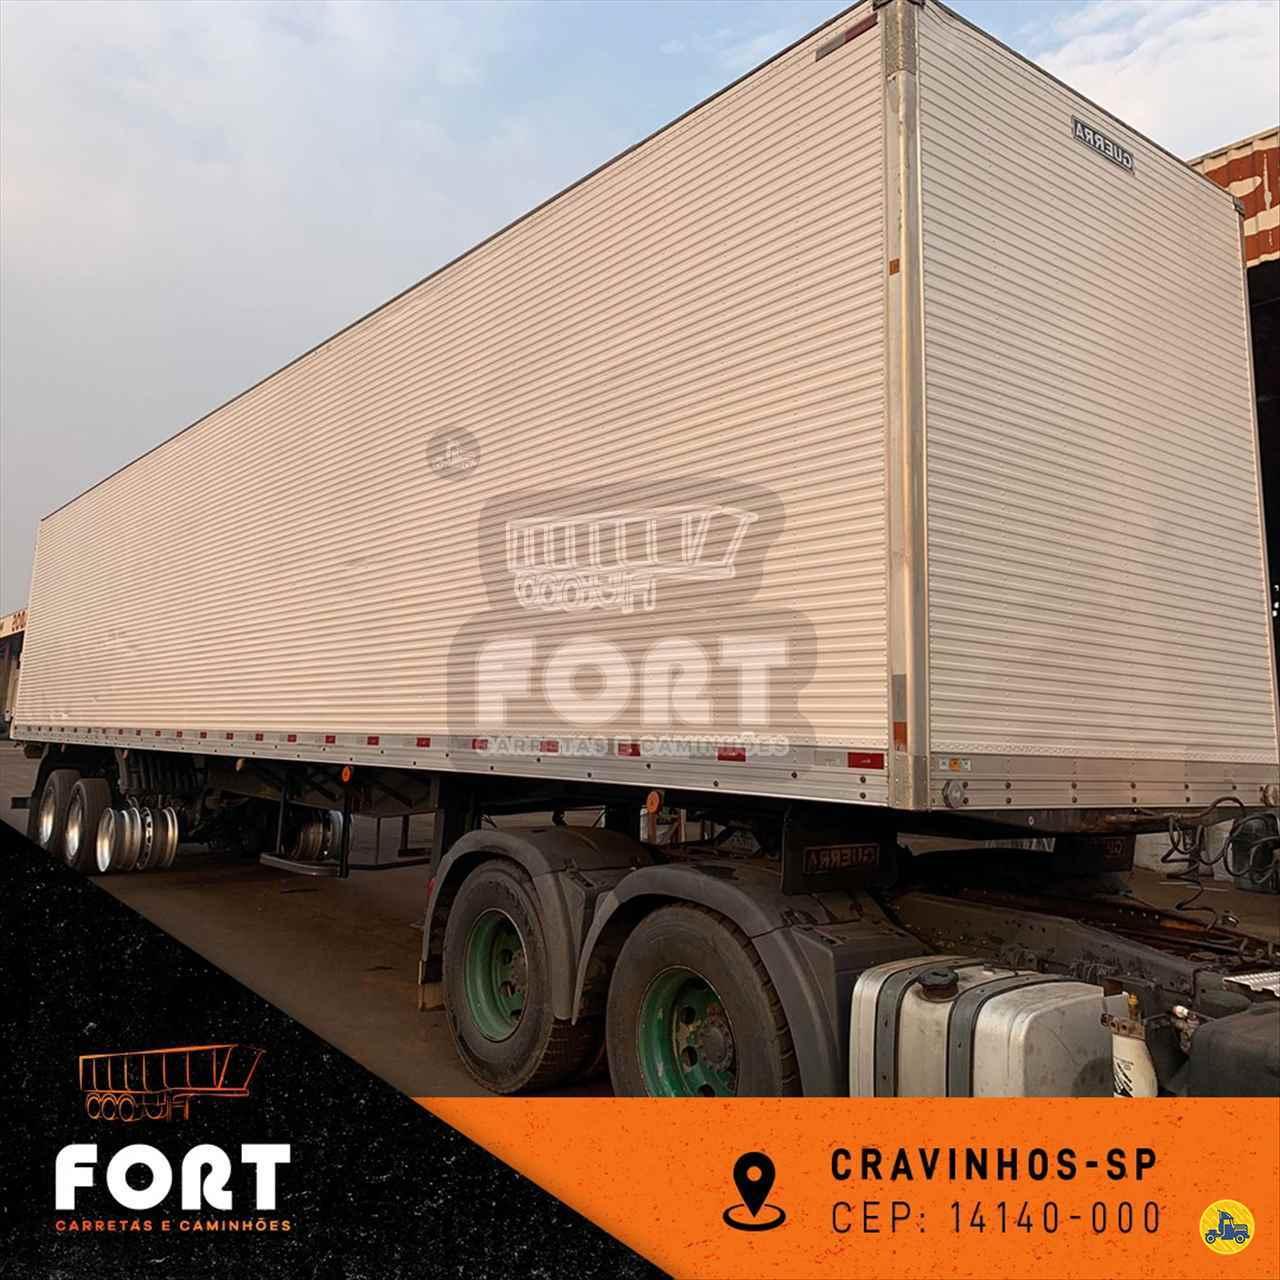 CARRETA SEMI-REBOQUE BAU FURGÃO Fort Carretas e Caminhões CRAVINHOS SÃO PAULO SP